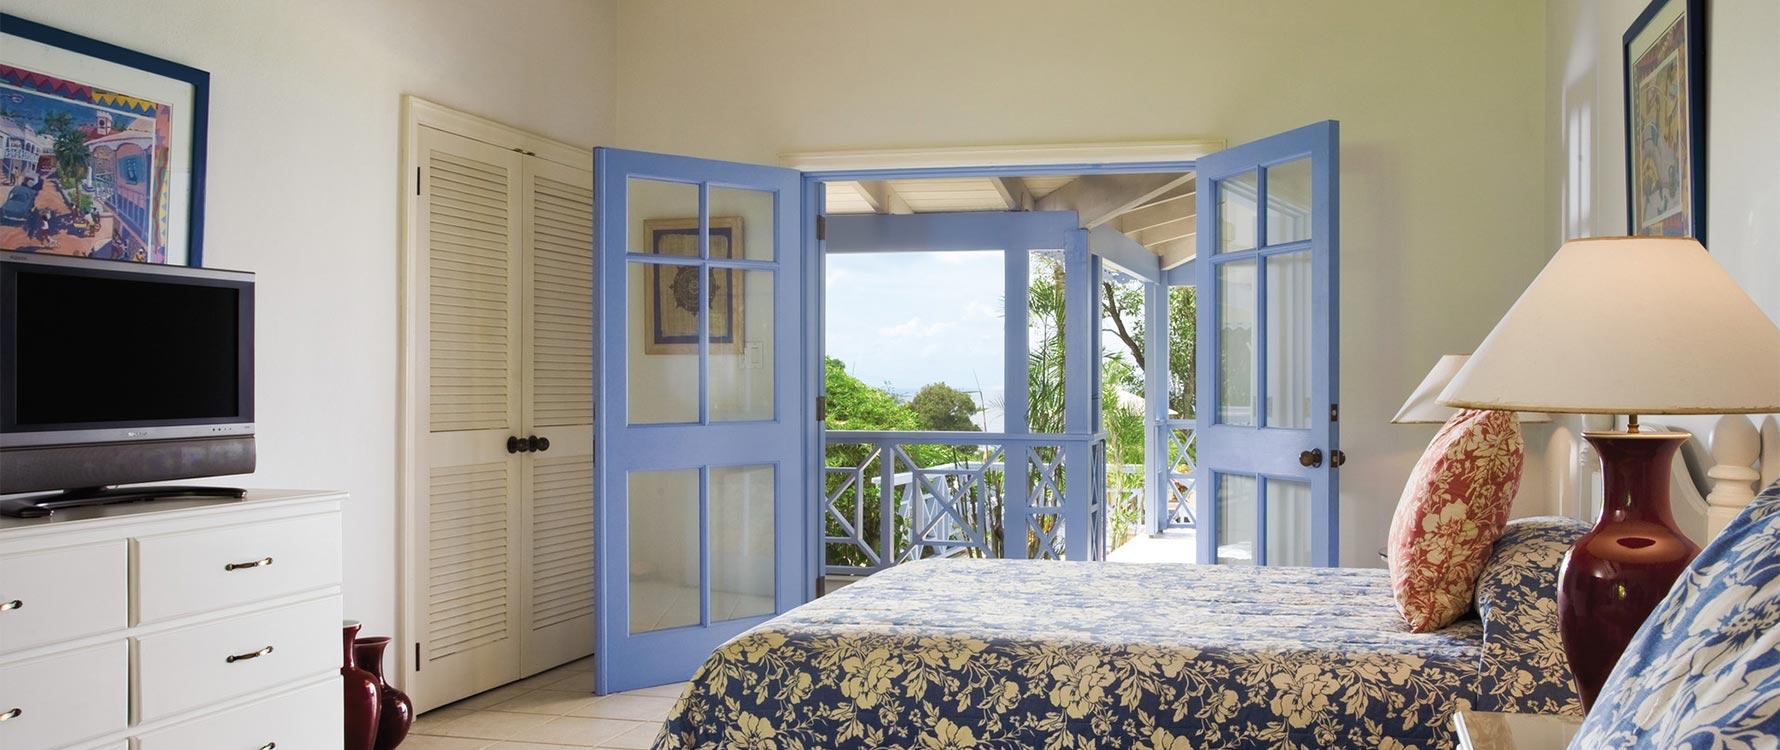 Guest bedroom #1 on veranda